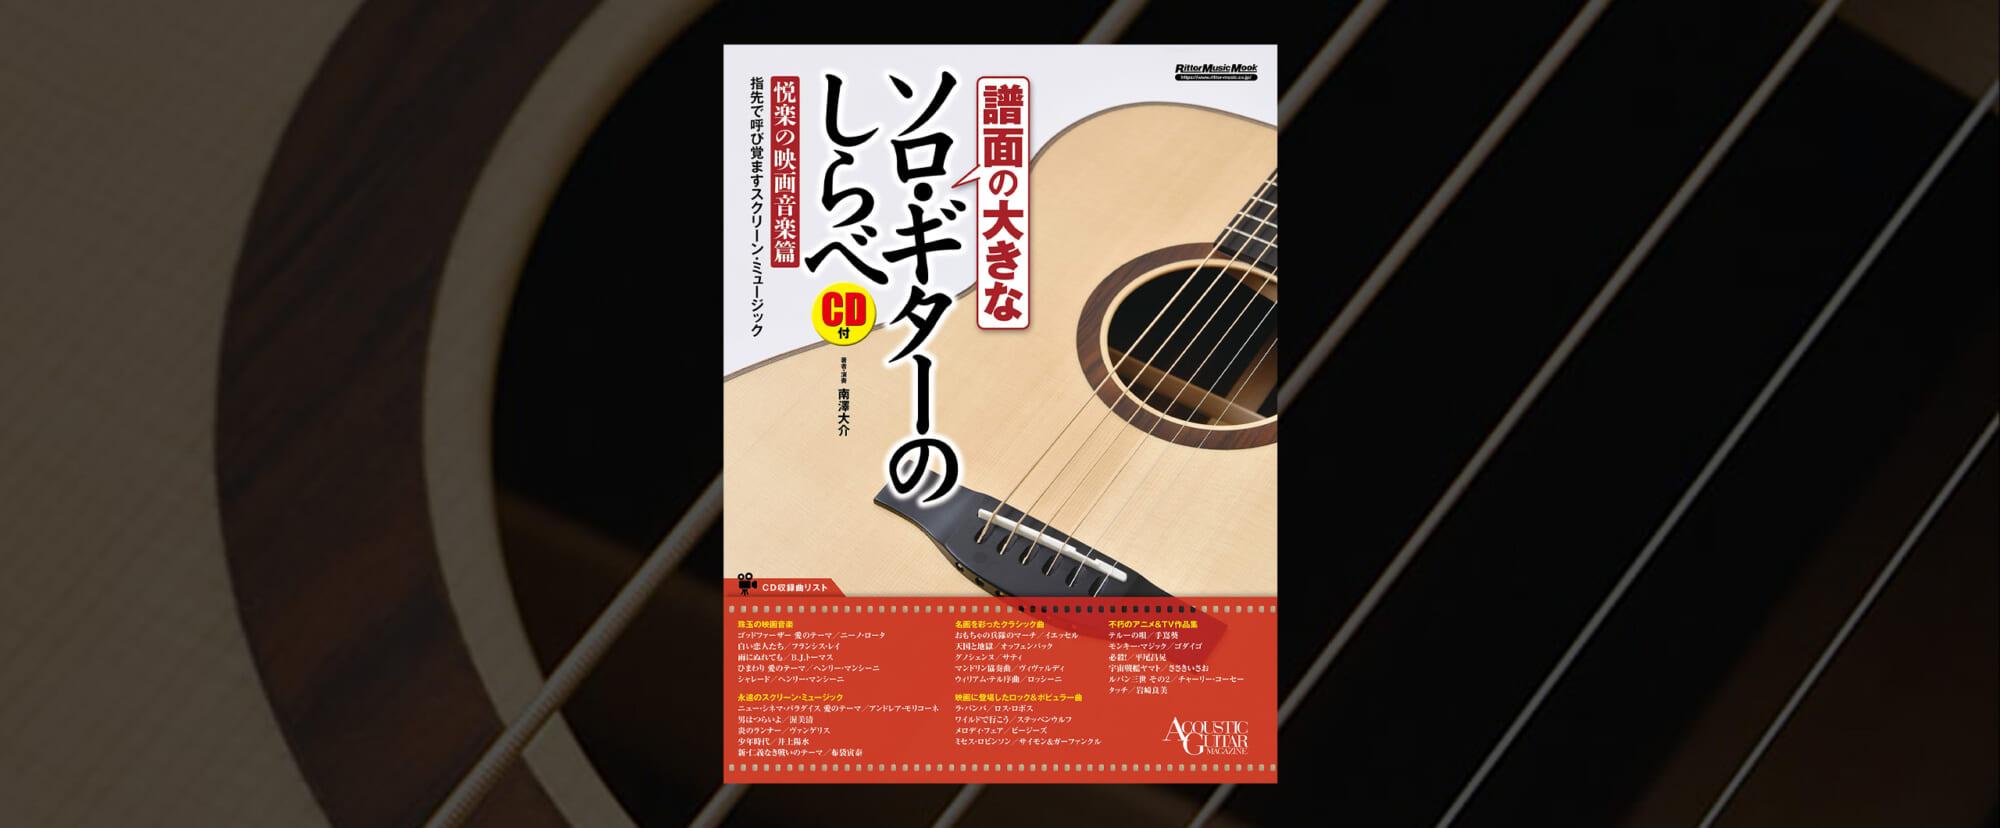 名作映画の曲をギター1本で奏でるための楽譜集『譜面の大きなソロ・ギターのしらべ 悦楽の映画音楽篇』発売